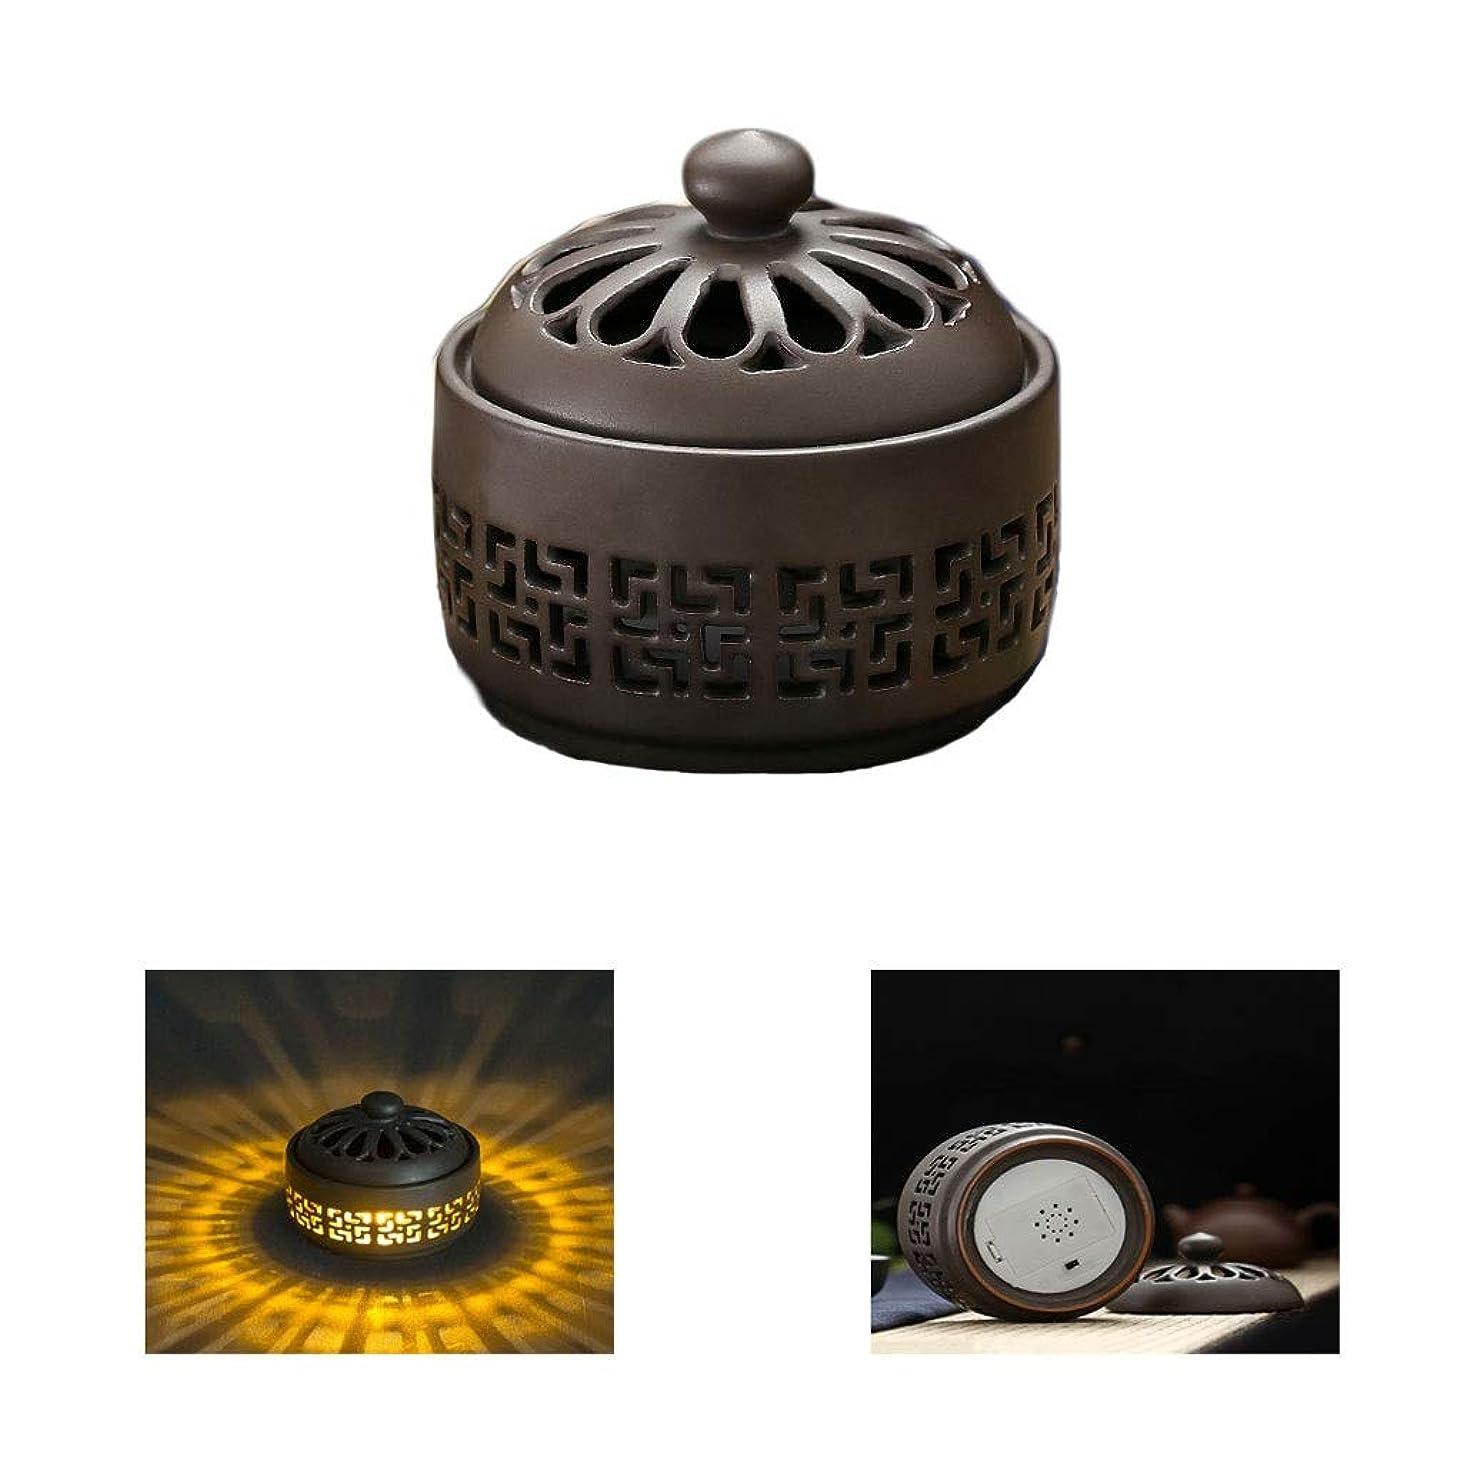 欠如識別サンダーホームアロマバーナー LED暖かい光香バーナーレトロノスタルジックなセラミック香炉高温アロマセラピー炉 アロマバーナー (Color : Earth tones)